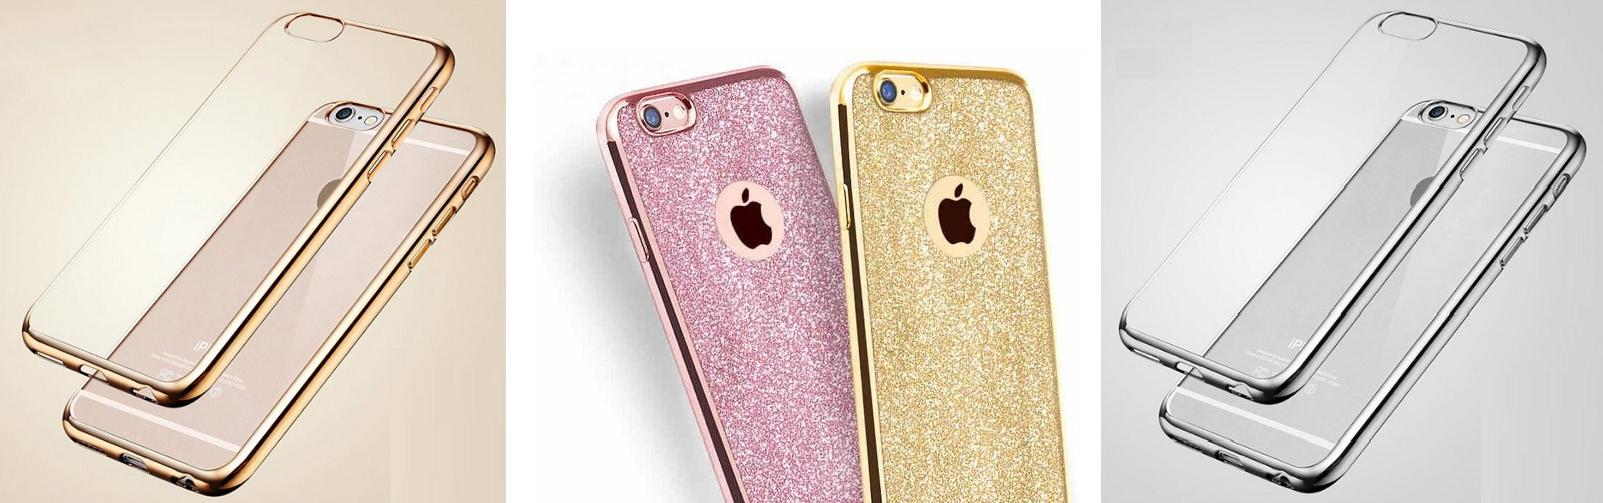 Jak nejenom přes léto ochránit iPhone před poškozením eb1819e755